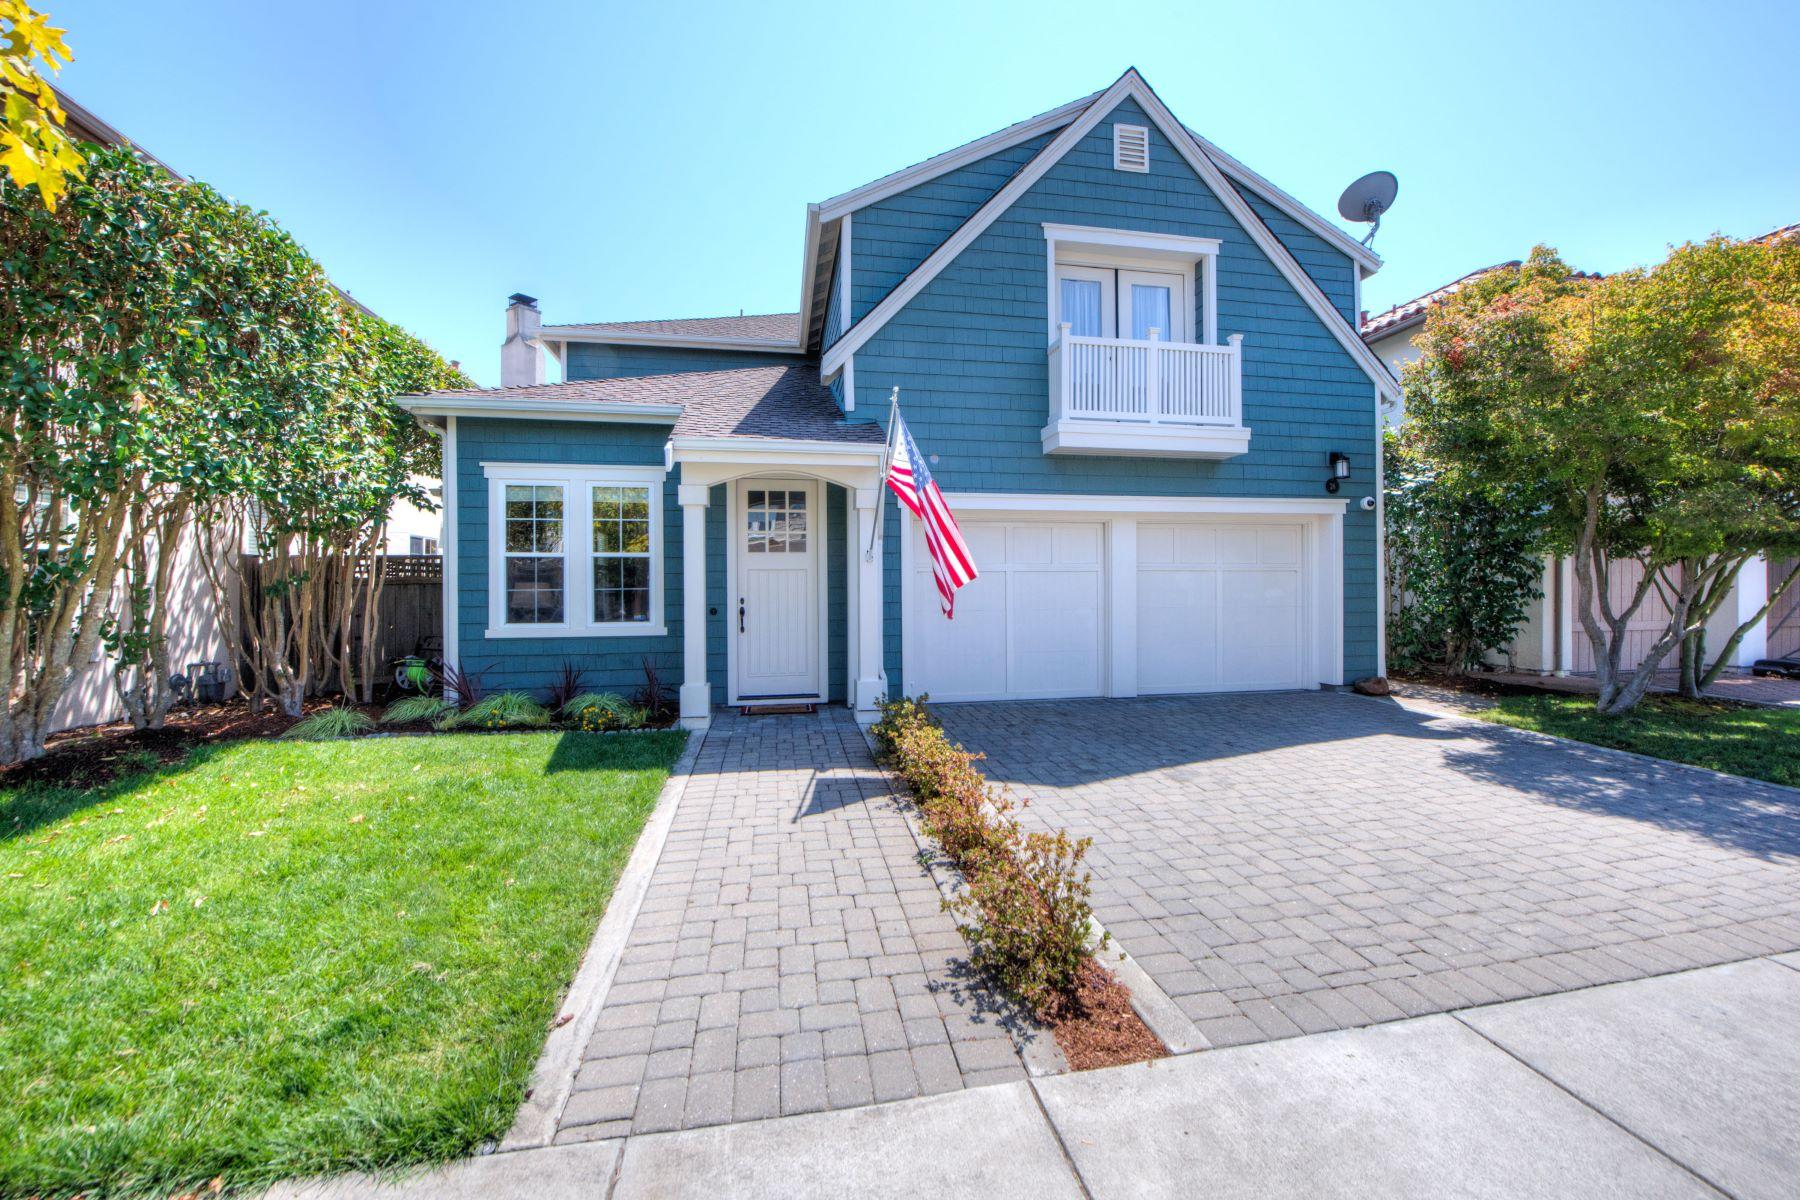 Maison unifamiliale pour l Vente à Coastal Charm with 5 Bedrooms! 26 Woodbridge Way Novato, Californie, 94949 États-Unis